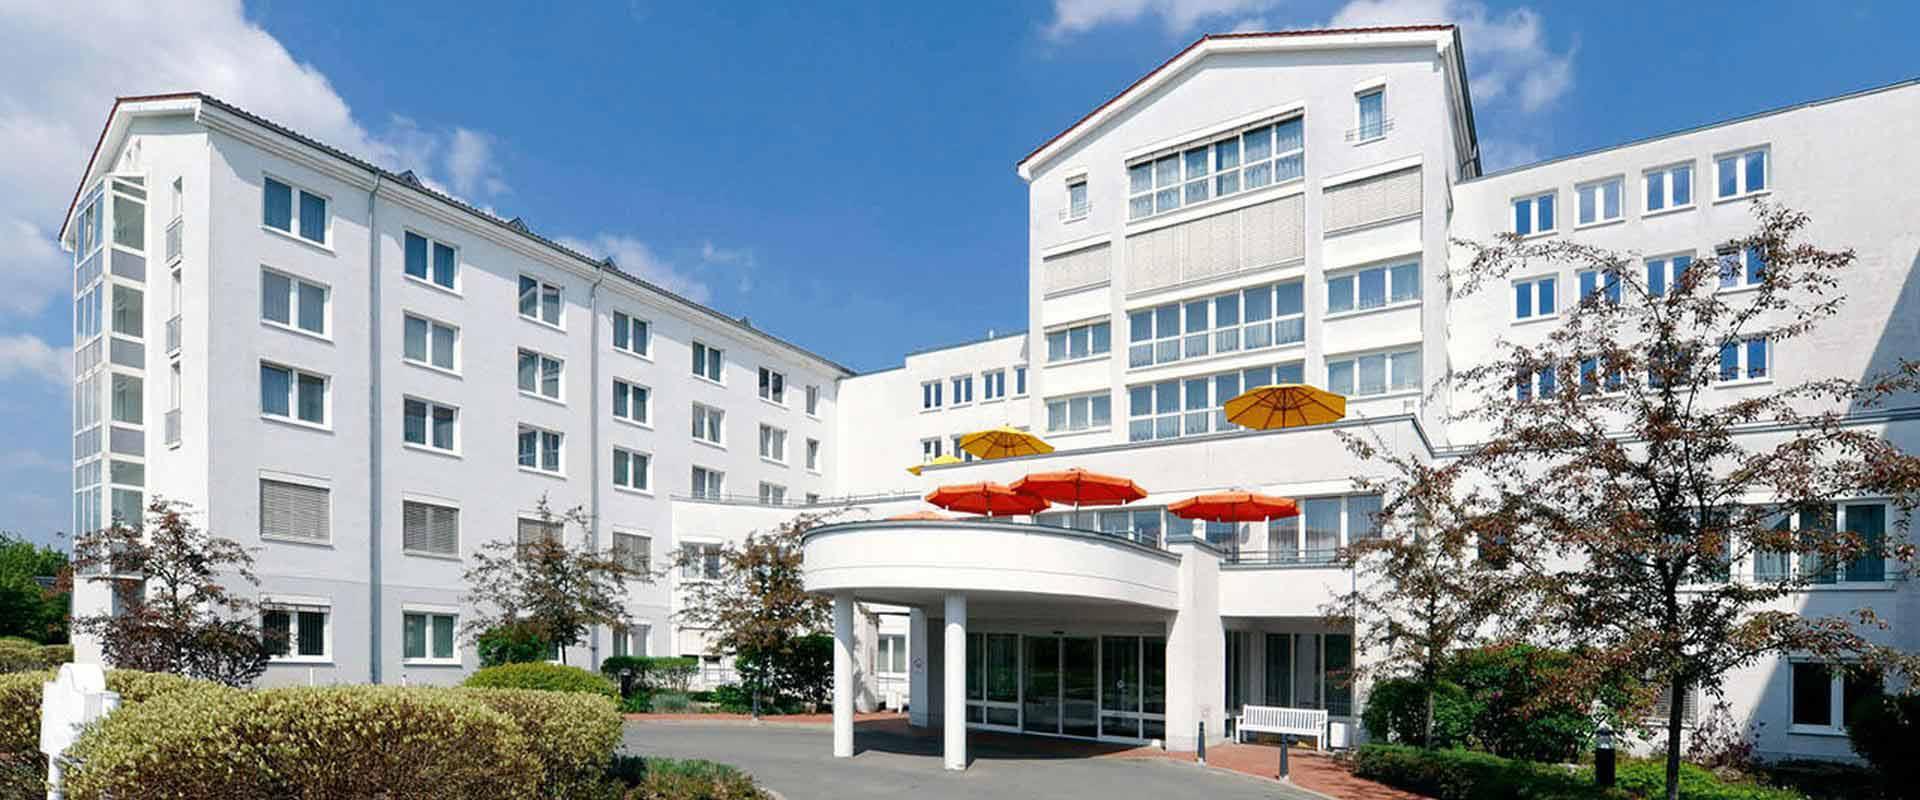 Außenansicht des MEDIAN Reha-Zentrum Bad Berka Adelsberg-Klinik